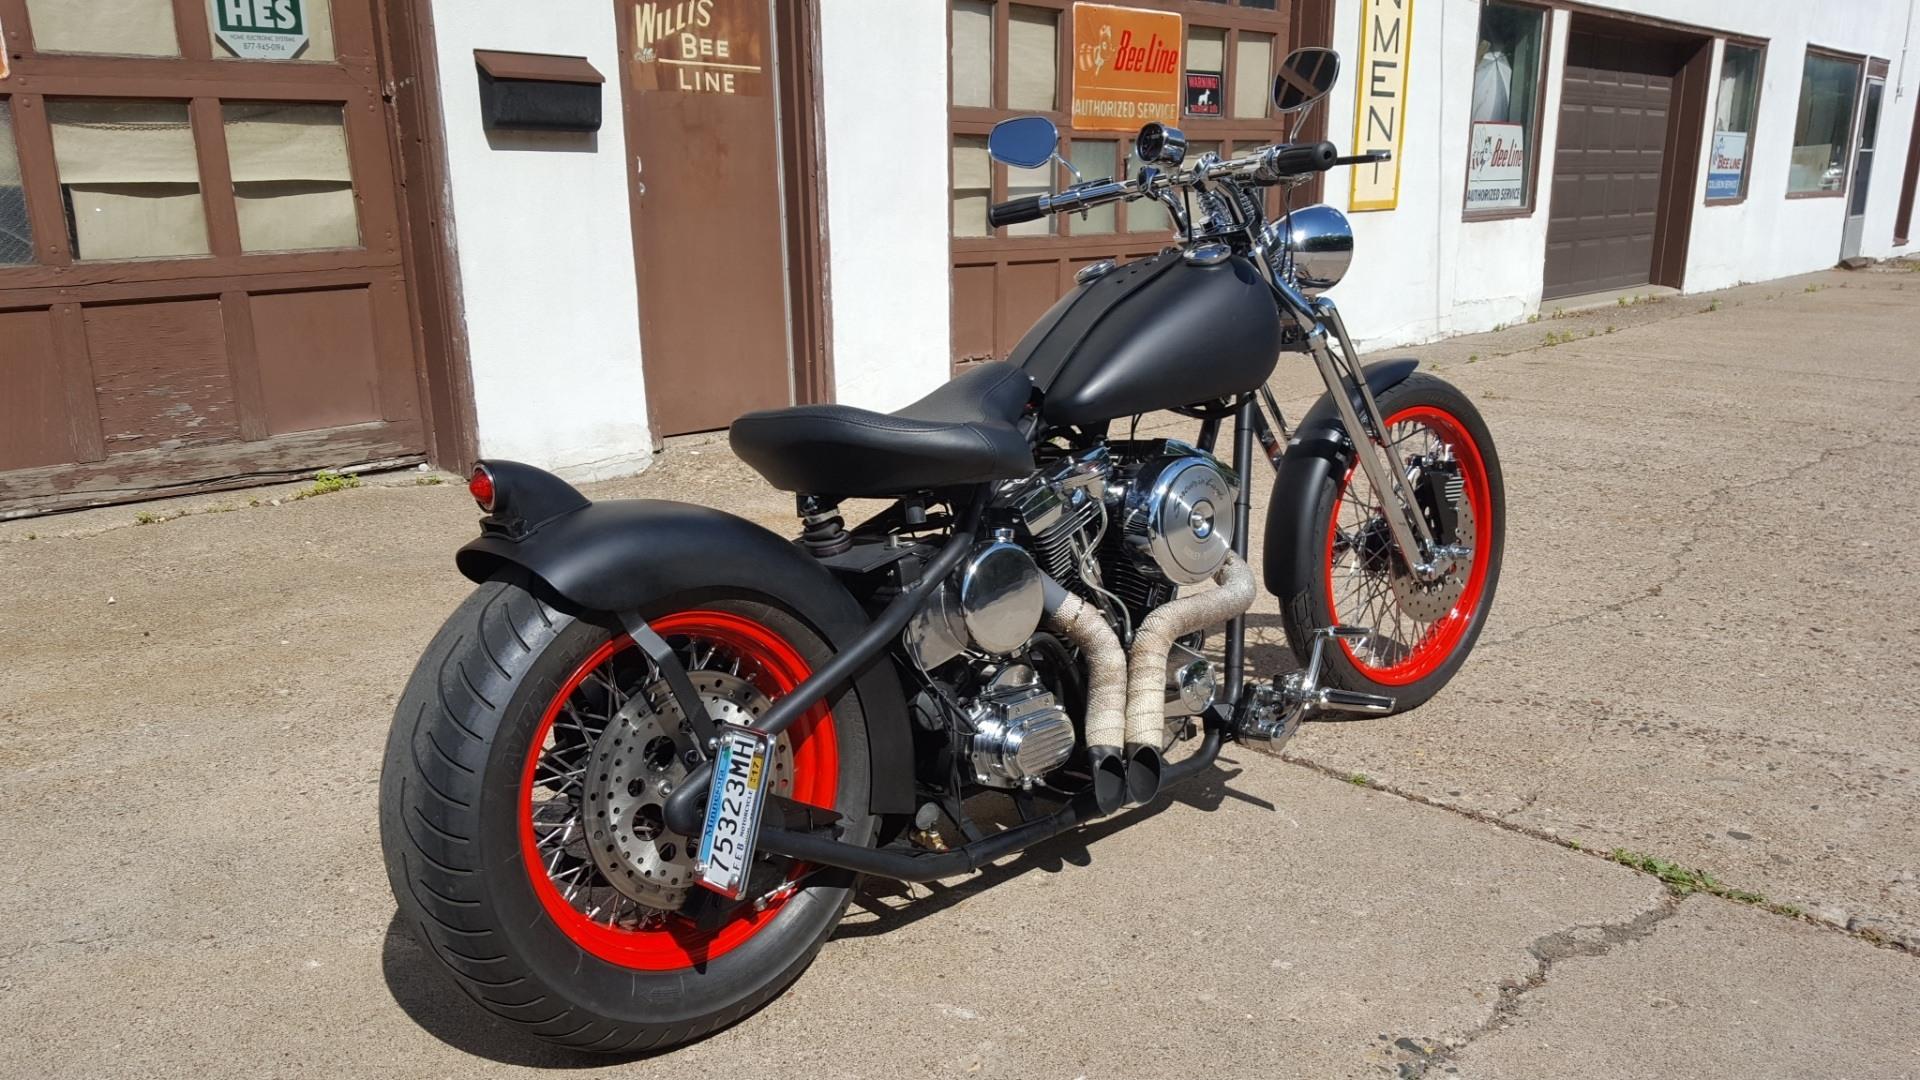 2005 harley davidson custom bobber motorcycles south saint. Black Bedroom Furniture Sets. Home Design Ideas